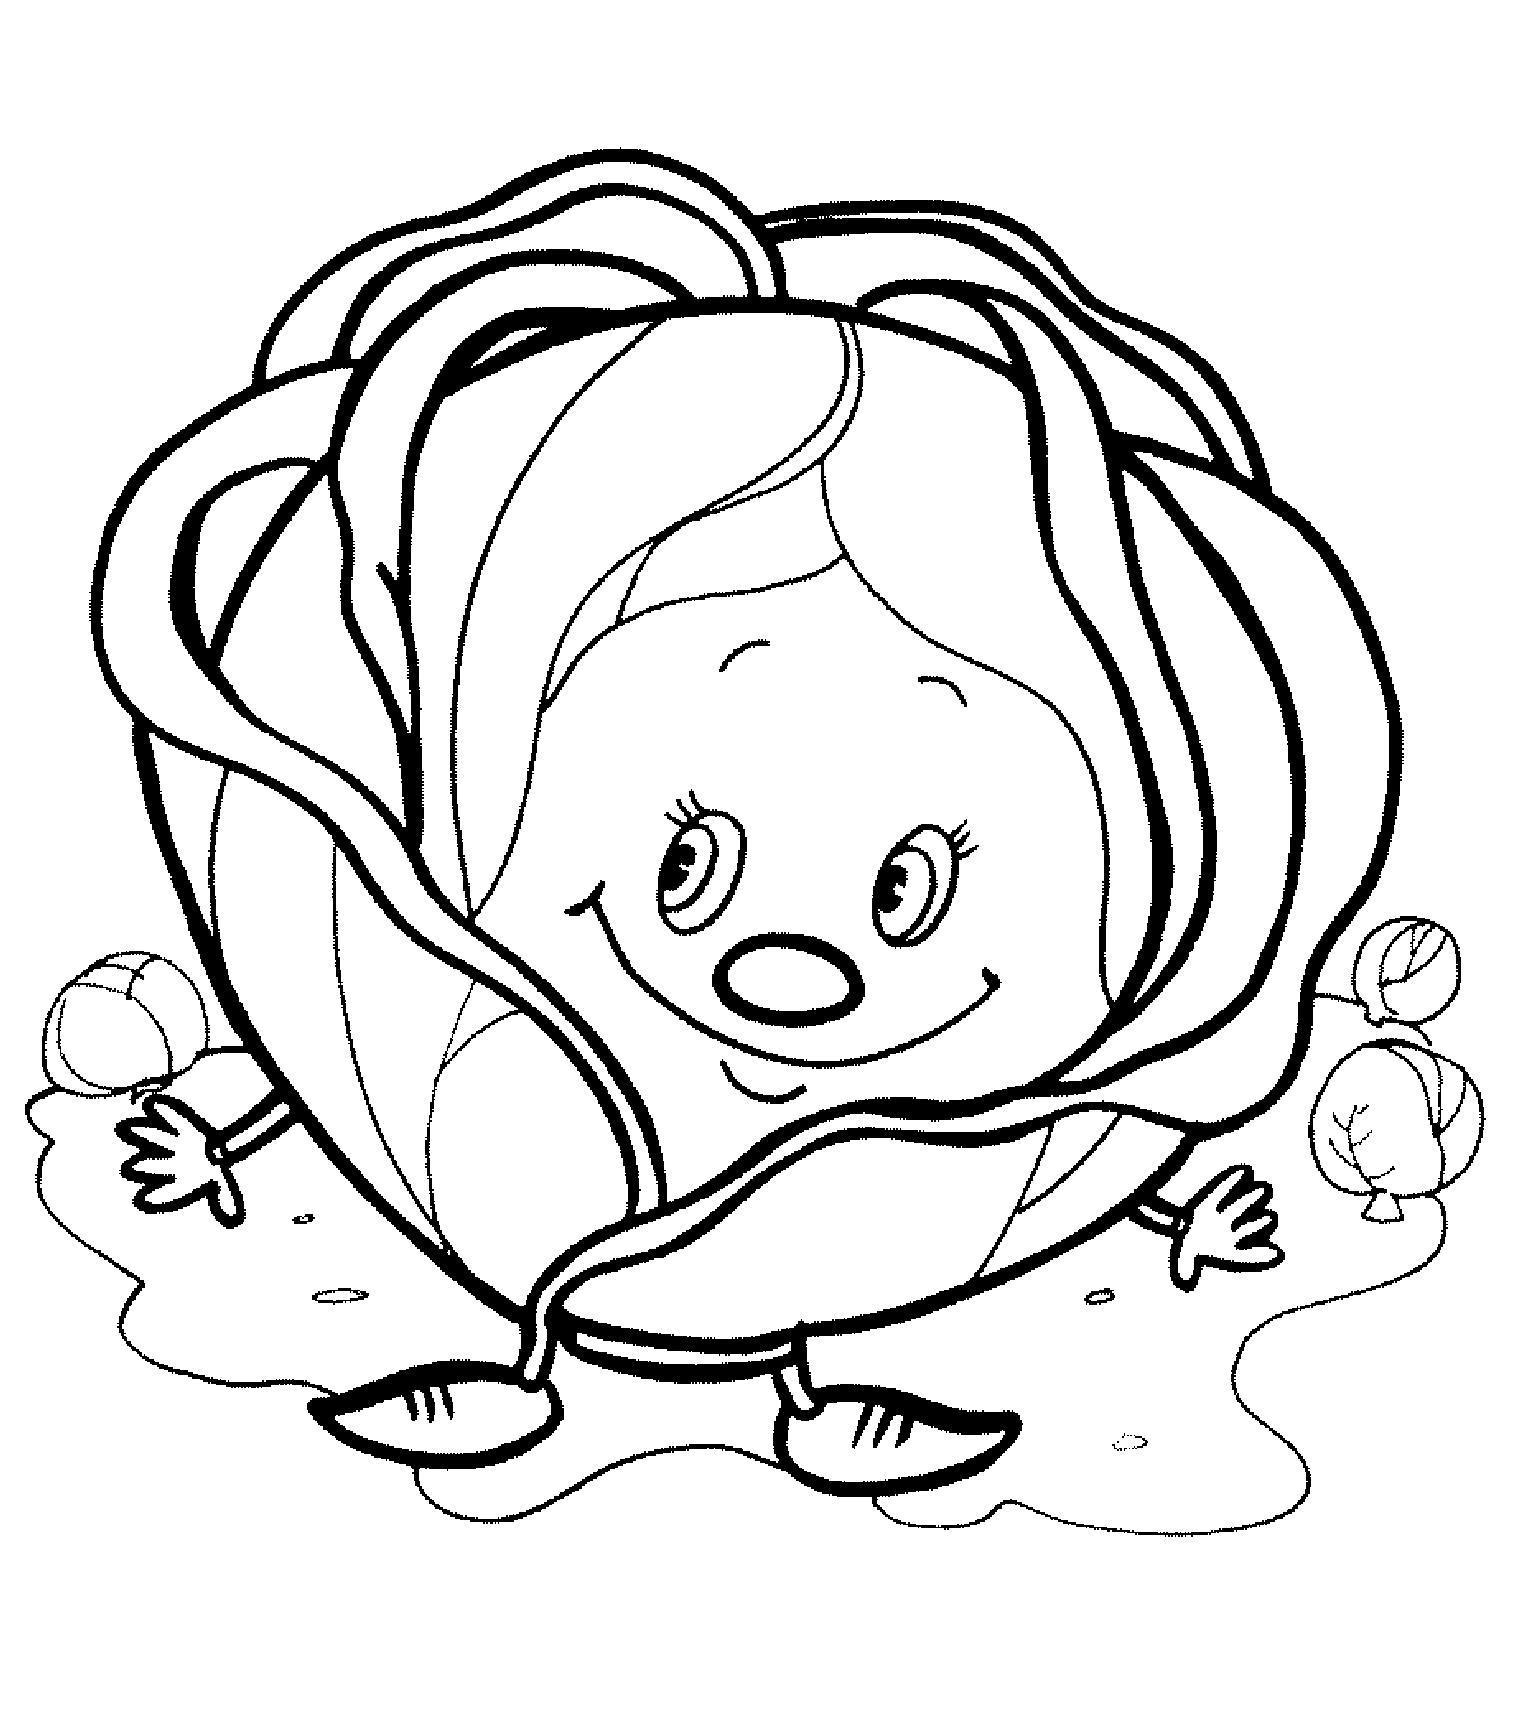 Распечатать бесплатные раскраски для детей: для самых маленьких: капуста